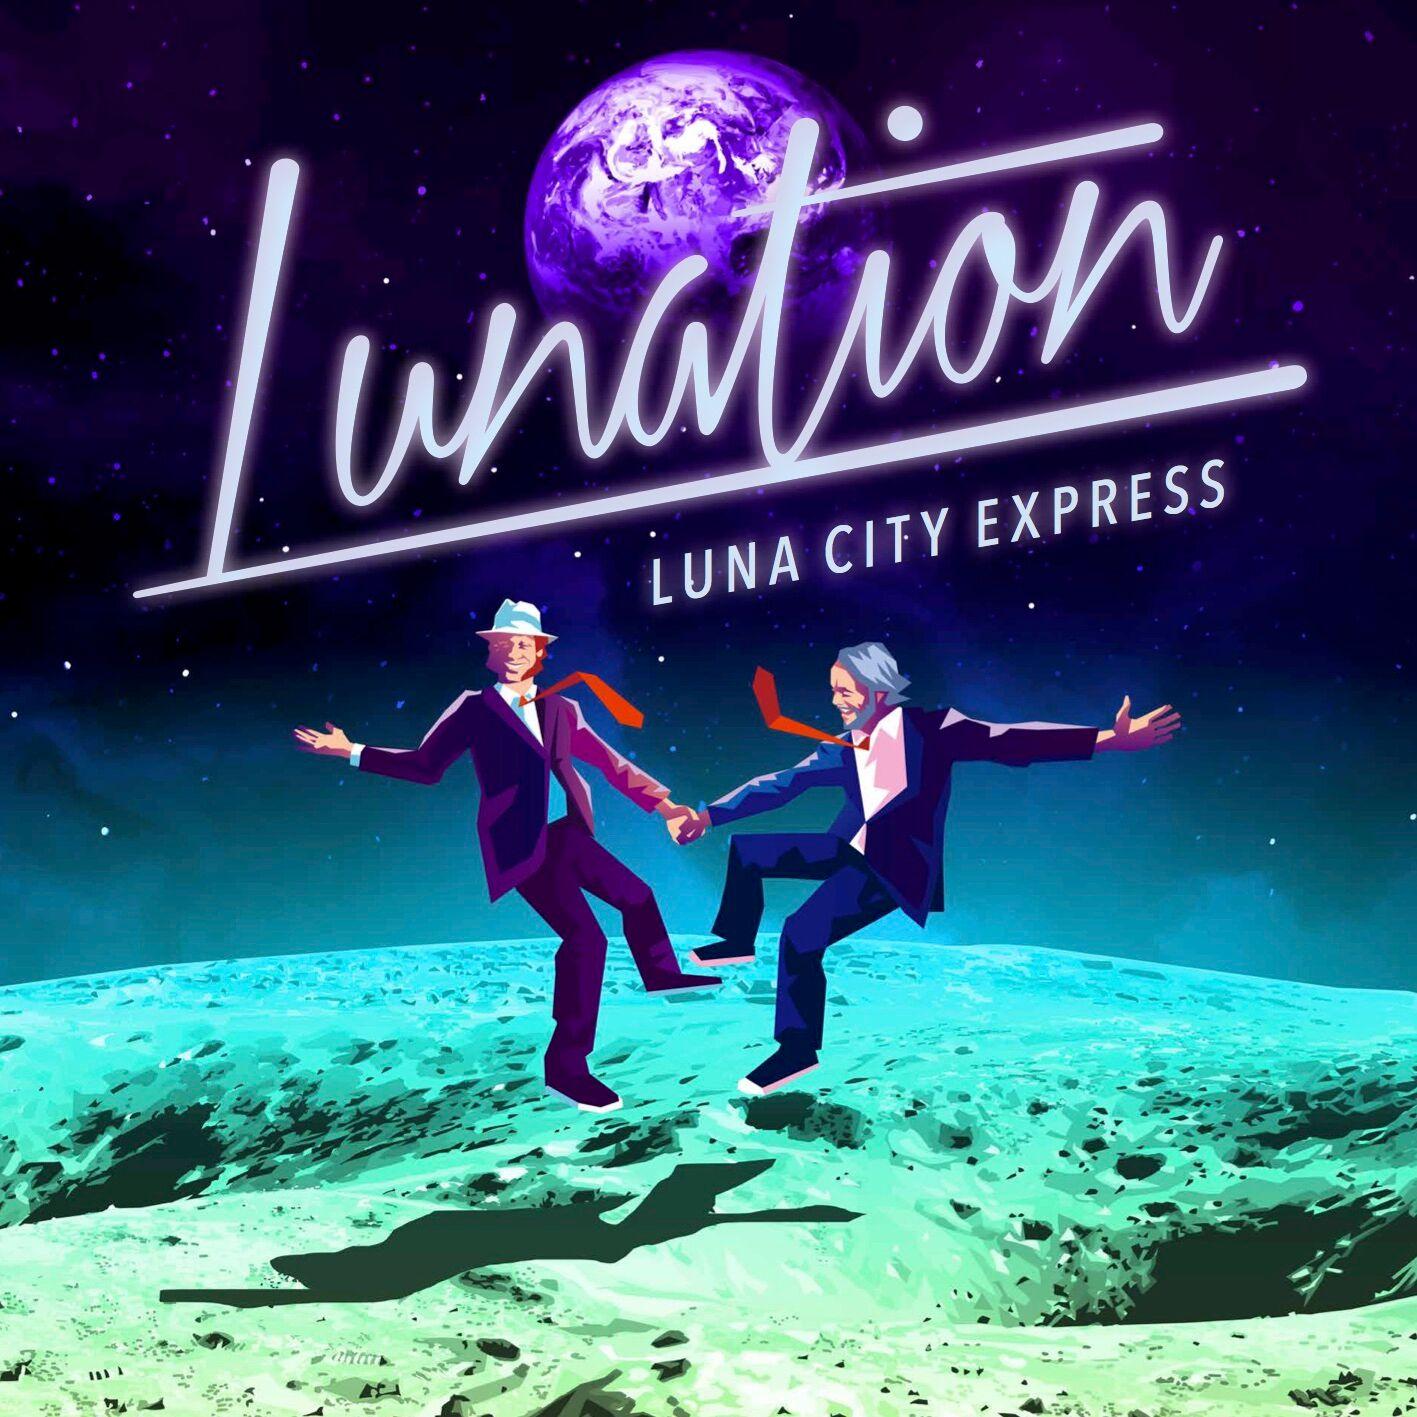 'Lunation' LP